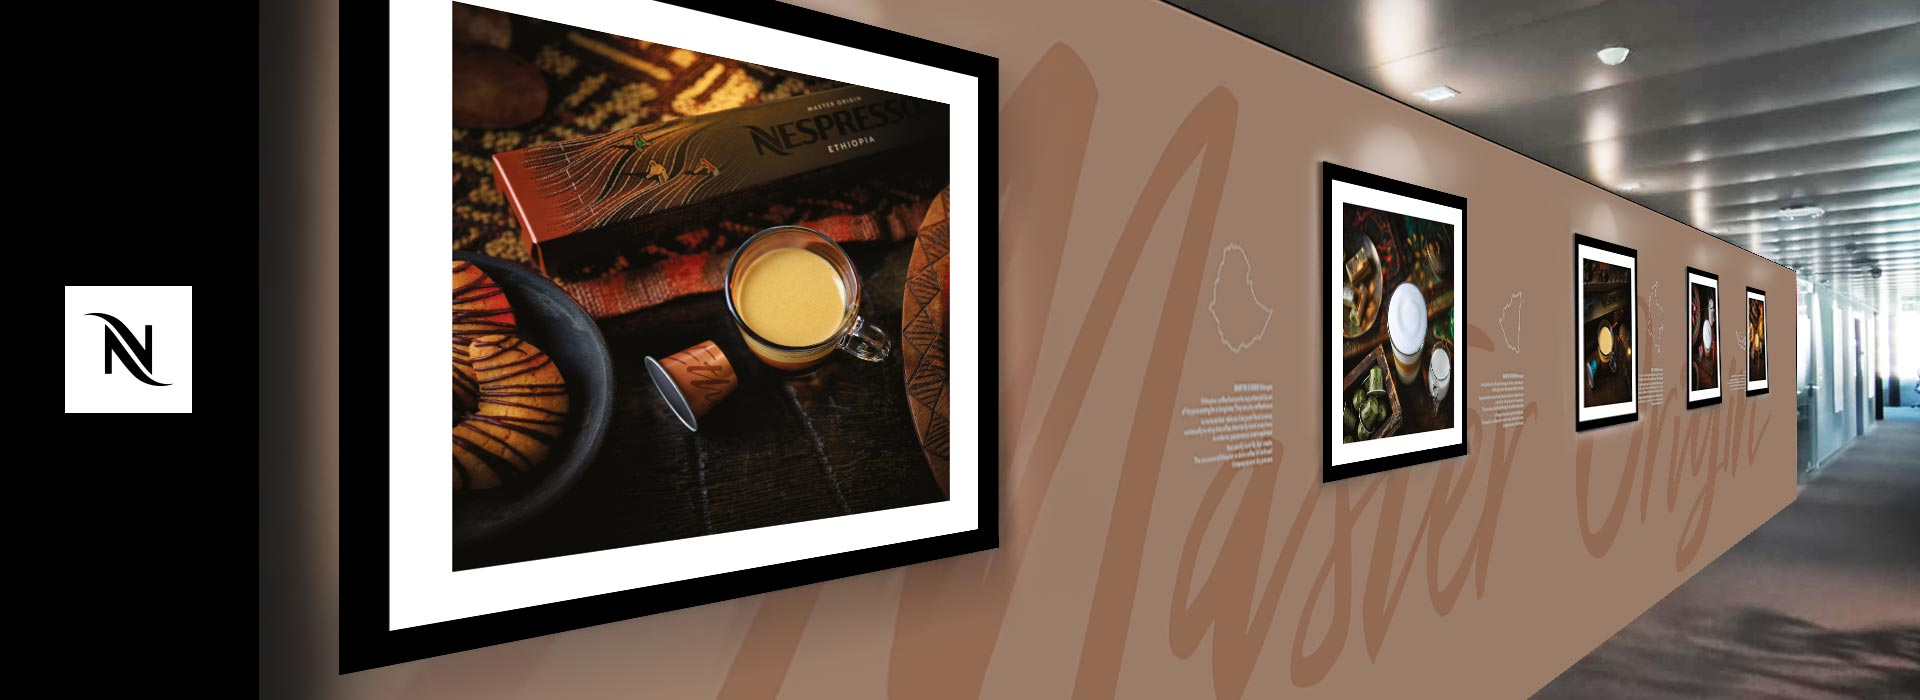 Collezione fotografica design parete uffici Nespresso a Vevey